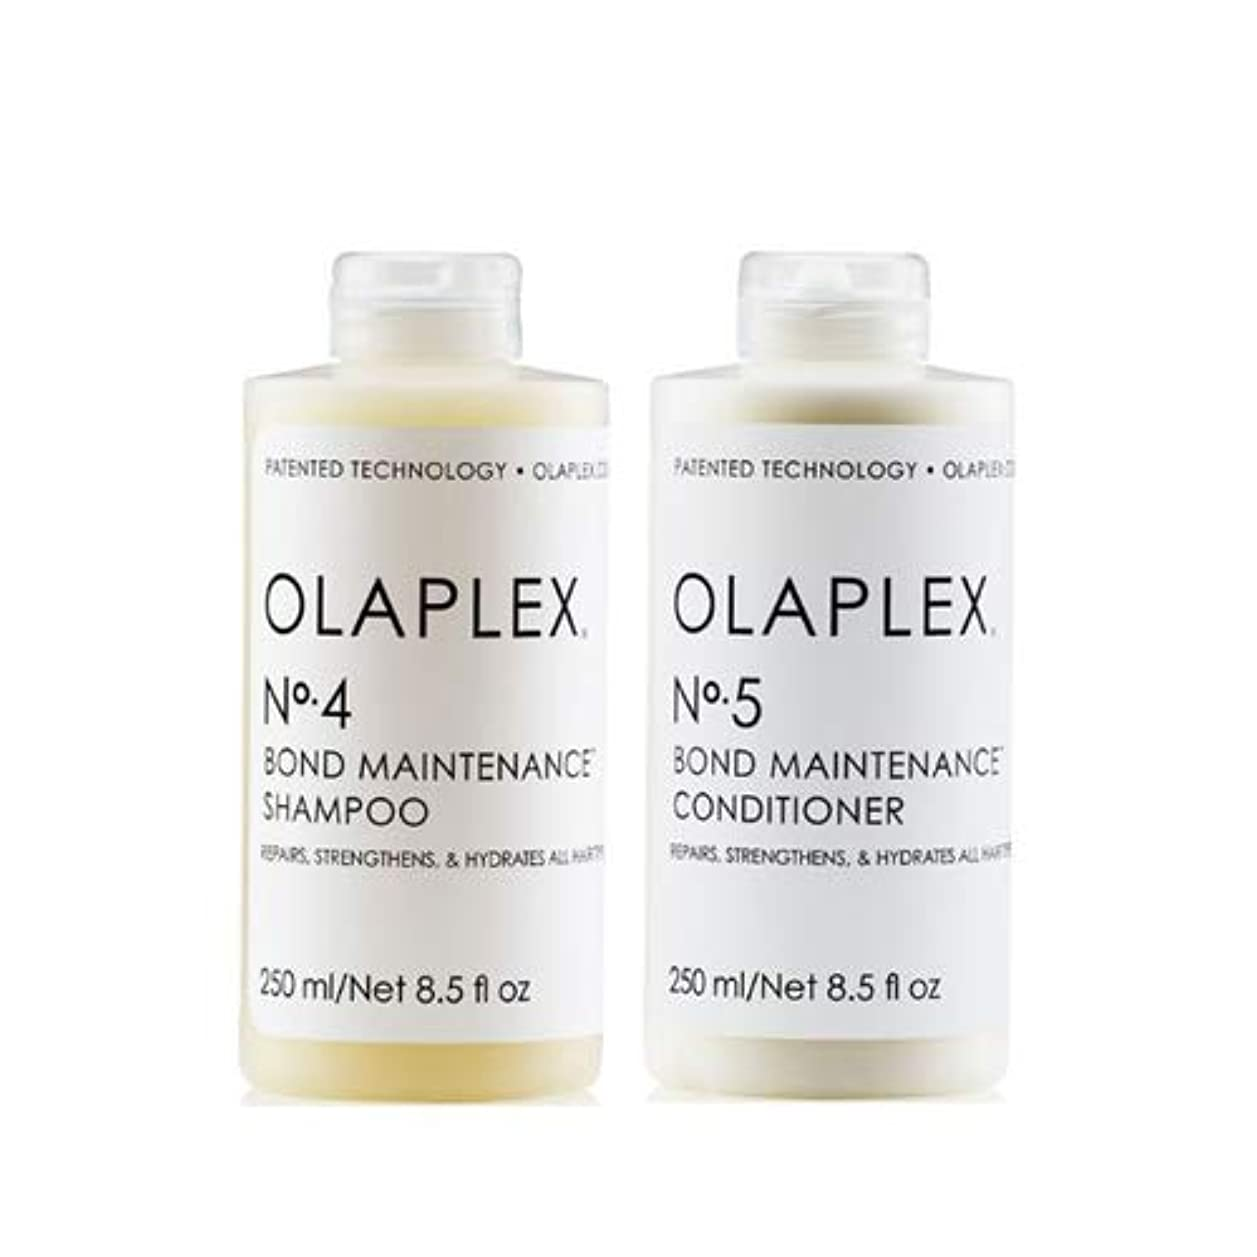 不機嫌そうな野生フライカイトOlaplex オラプレックス No. 4 5 ボンド メンテナンス シャンプー&コンディショナー Olaplex Bond Maintenance Shampoo & Conditioner 【並行輸入品】